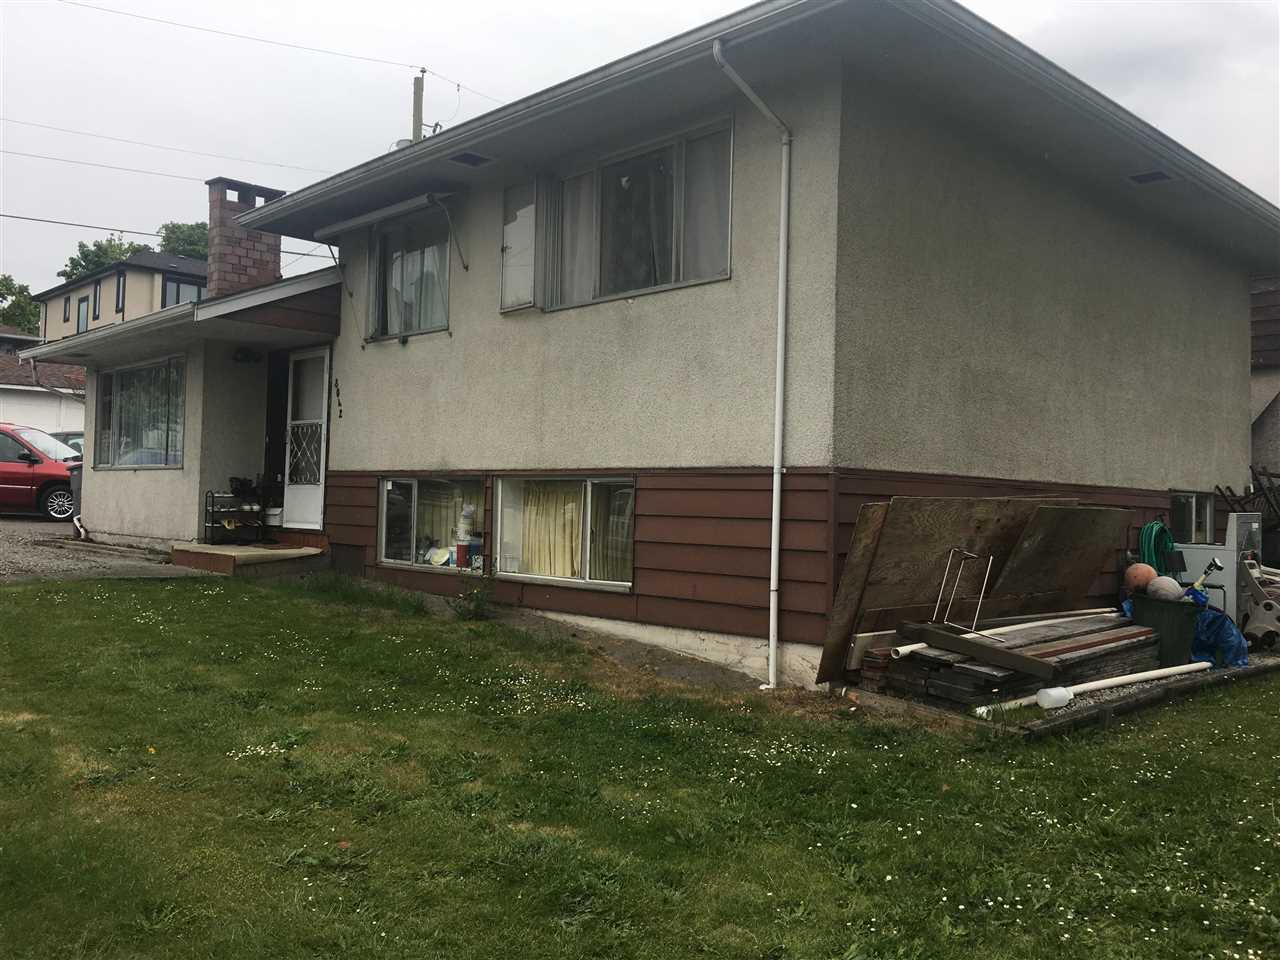 8042 BORDEN STREET - Fraserview VE House/Single Family for sale, 4 Bedrooms (R2583386) - #1